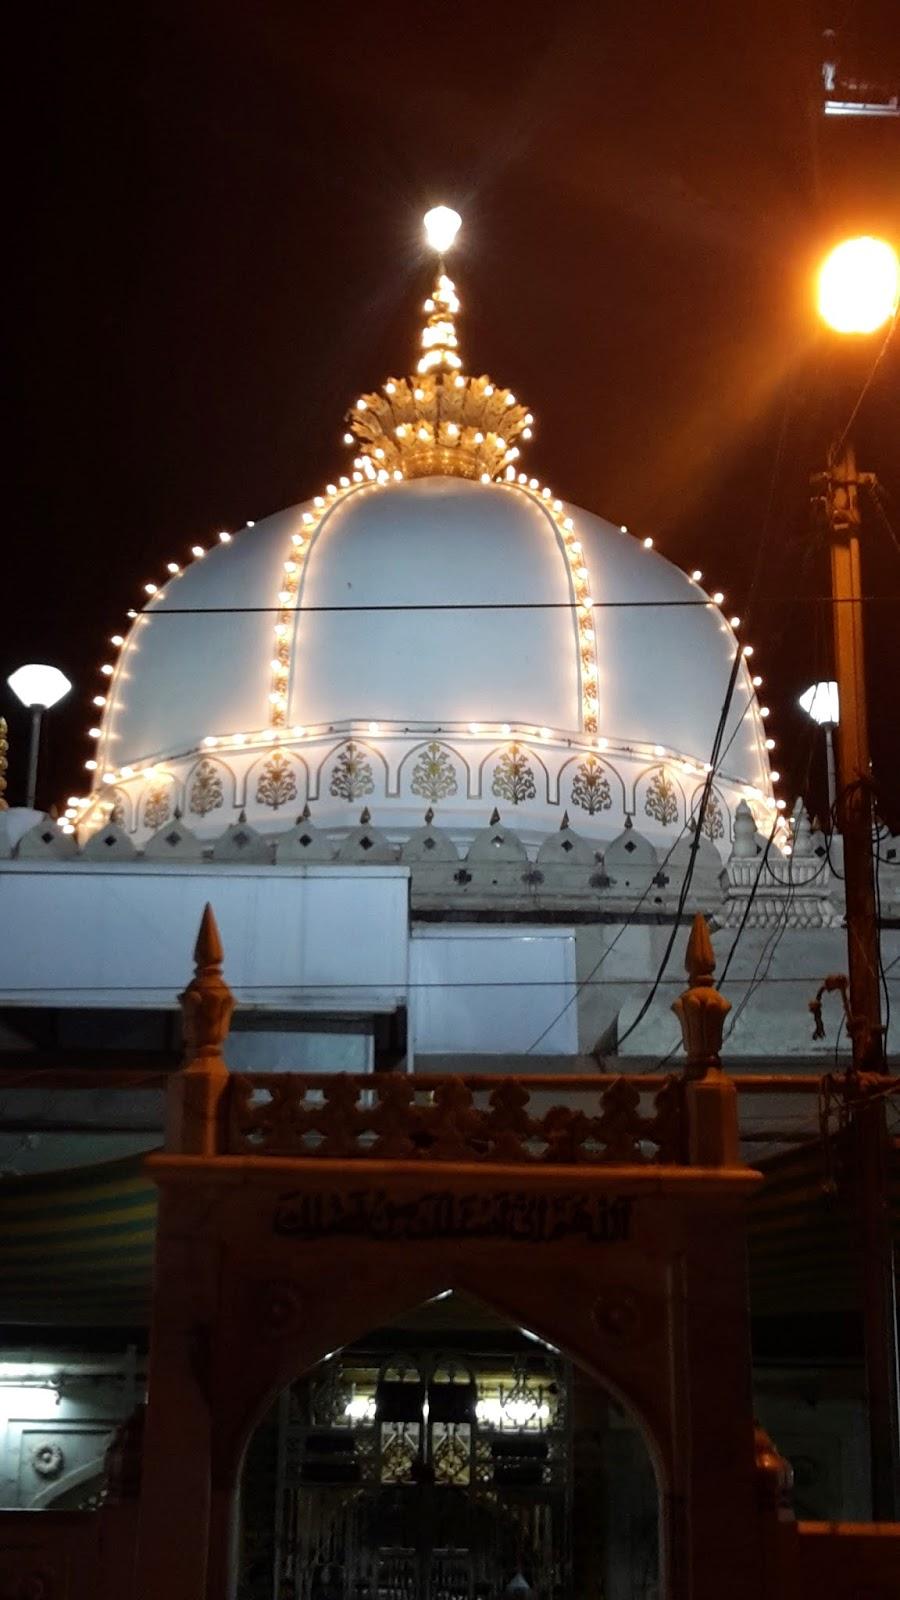 Dargah ajmer khaja garib nawaz moinuddin images photos pics islam khwaja garib nawaz altavistaventures Choice Image